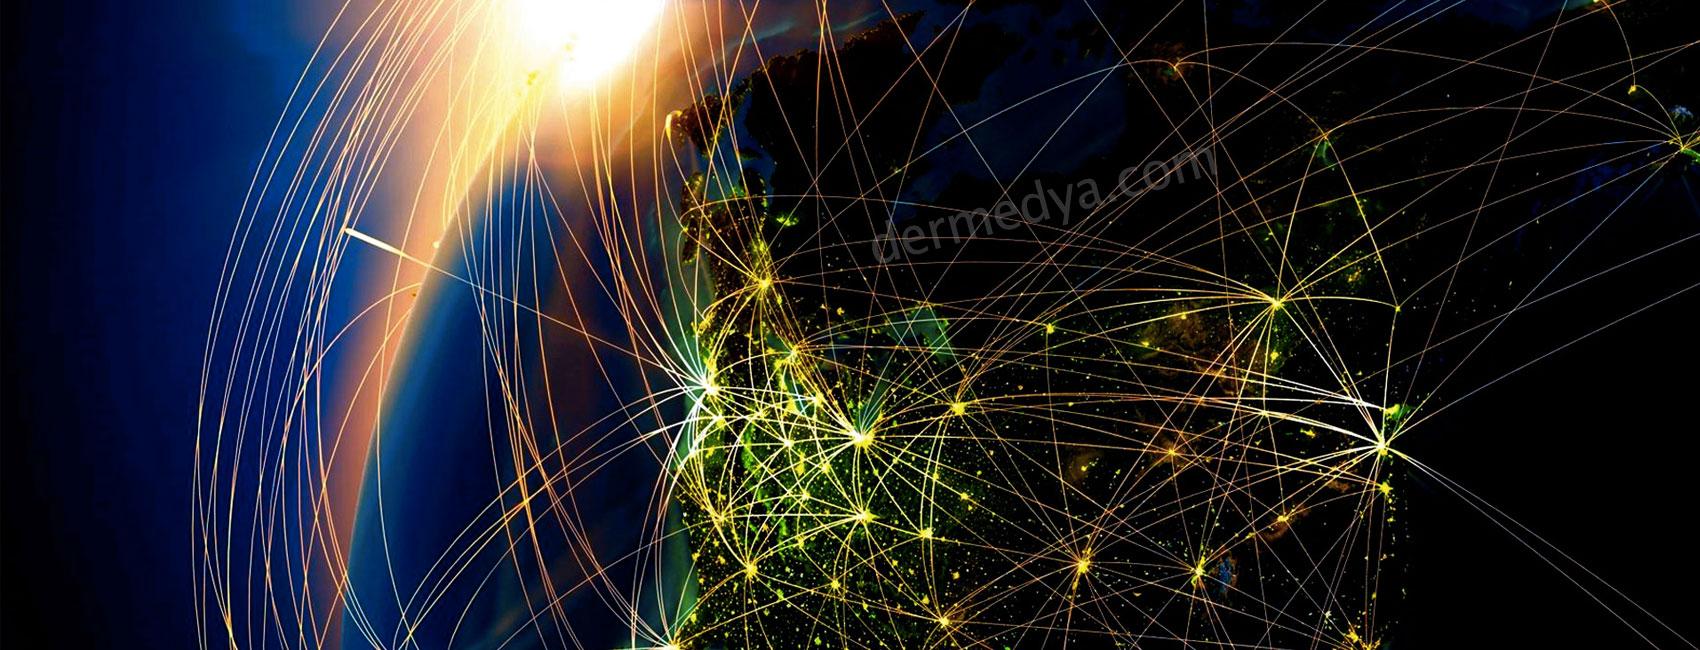 İnternet Trafiği Beş Yıl İçinde Patlayacak. Peki Ya Sonrası?